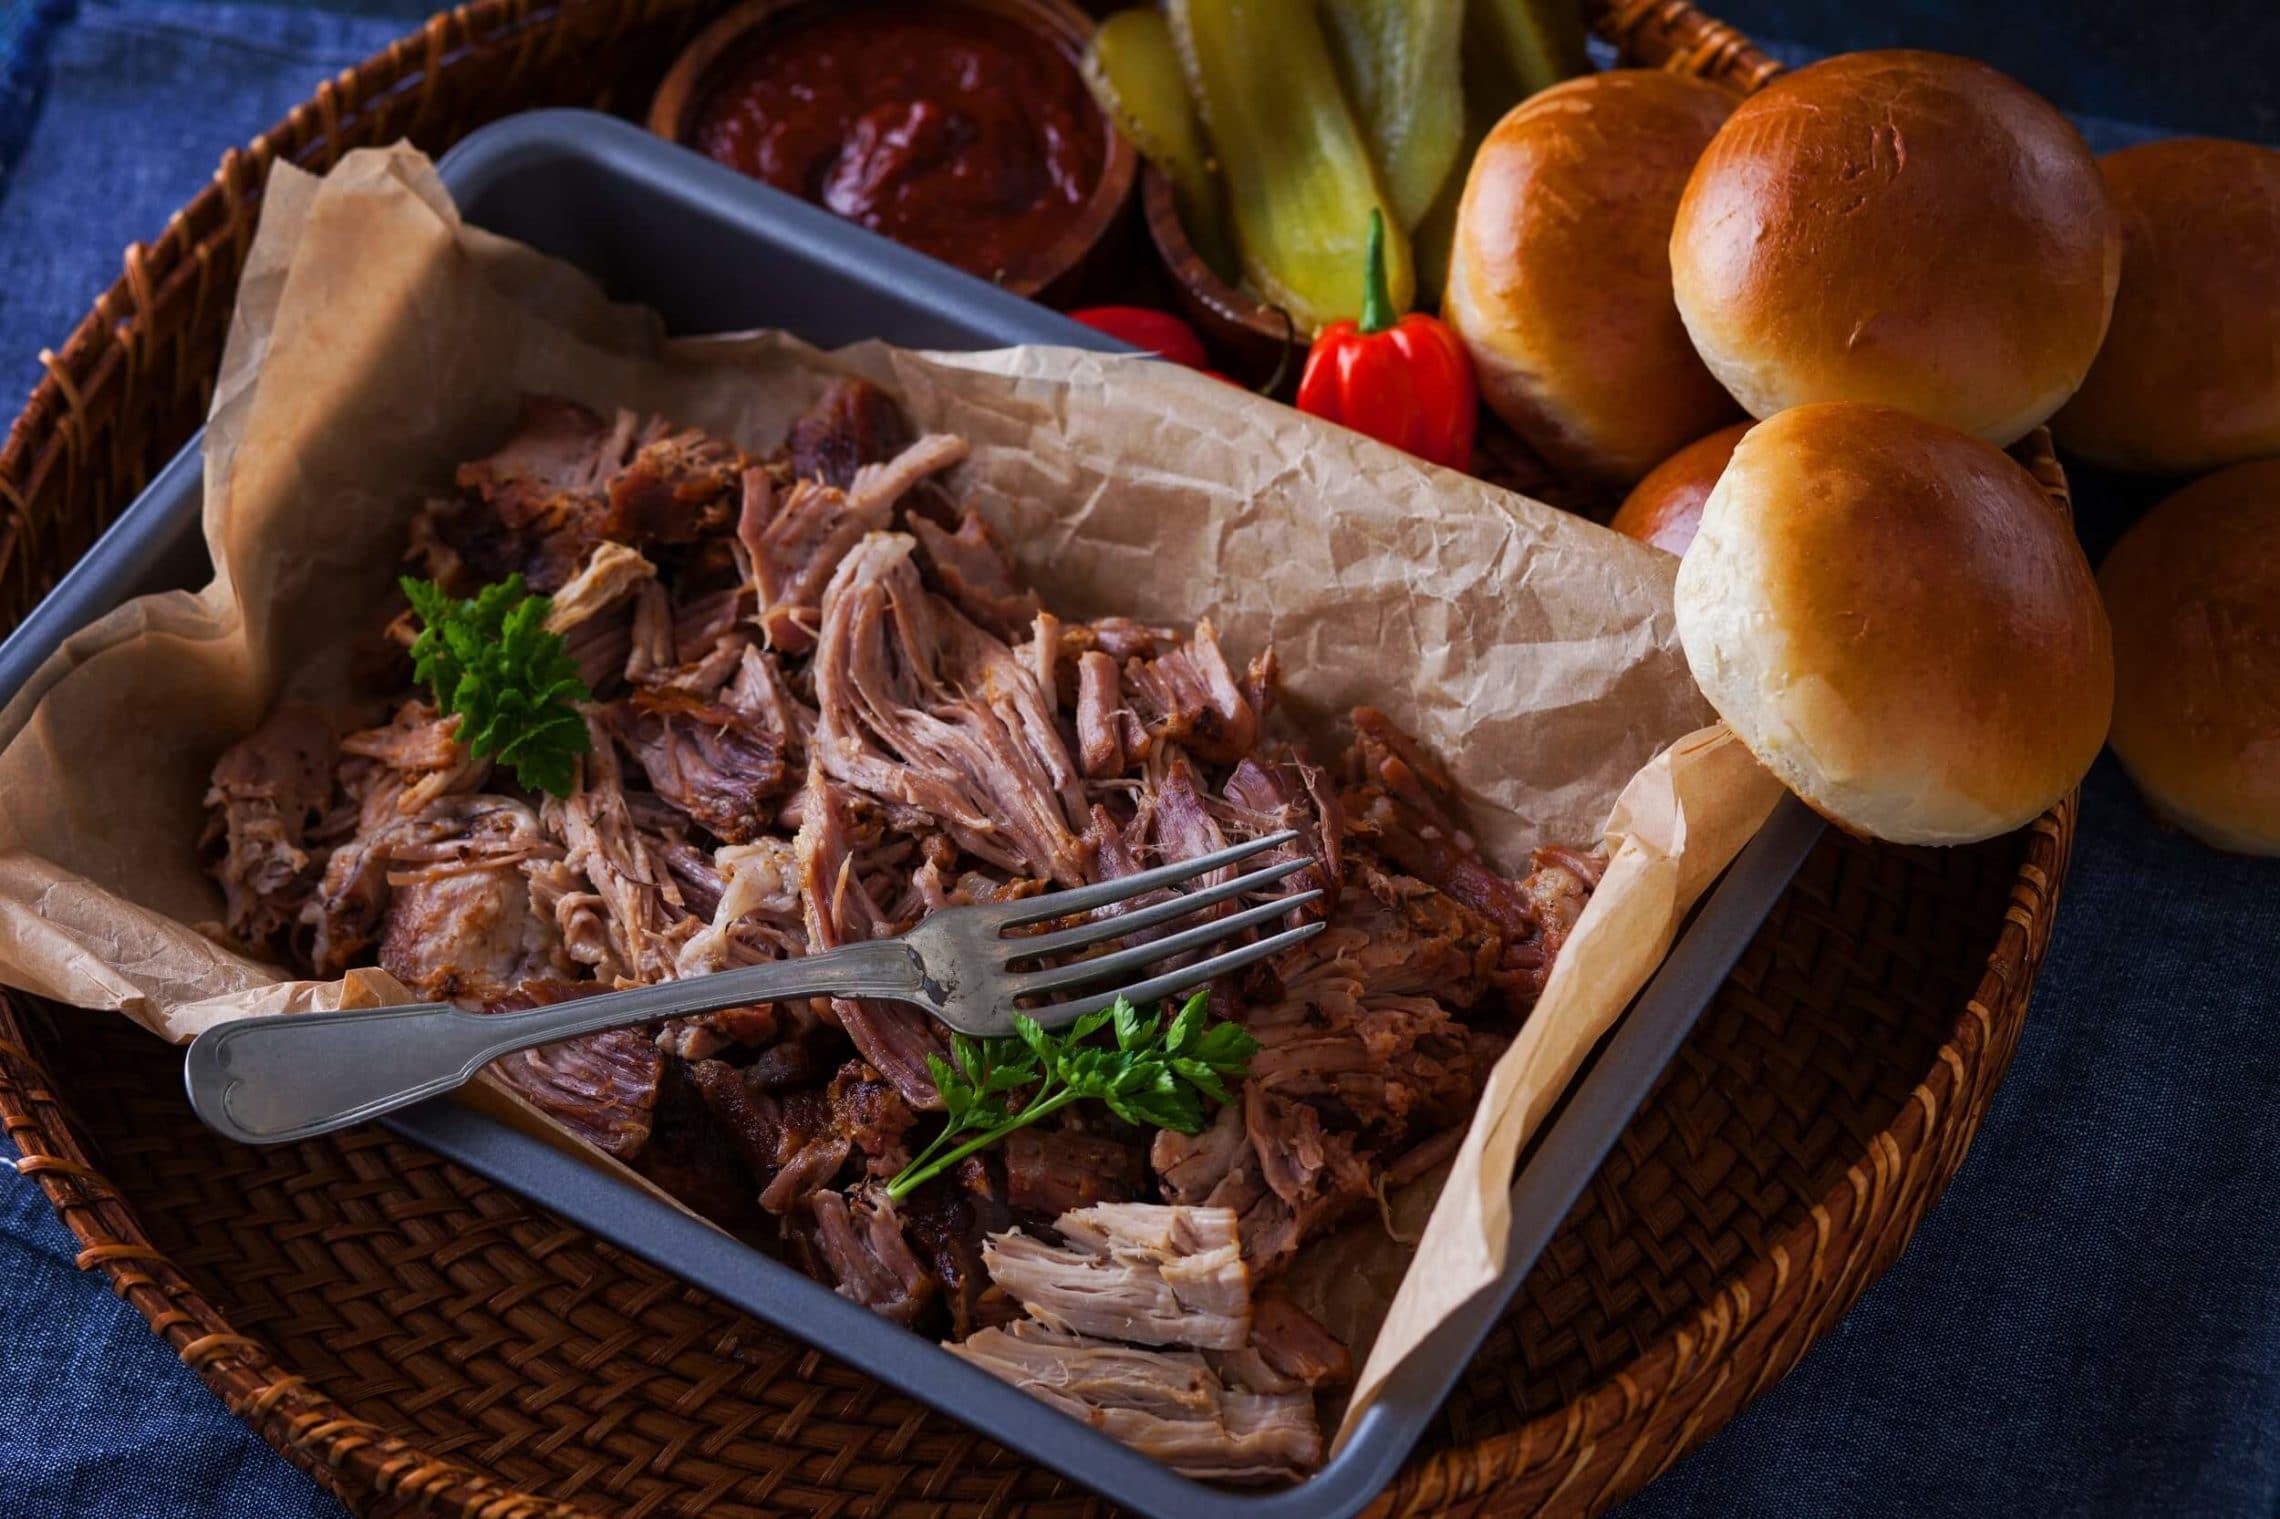 Pulled Pork Auf Gasgrill : Pulled pork: ausführlichster rezept beitrag mit vielen bildern & video